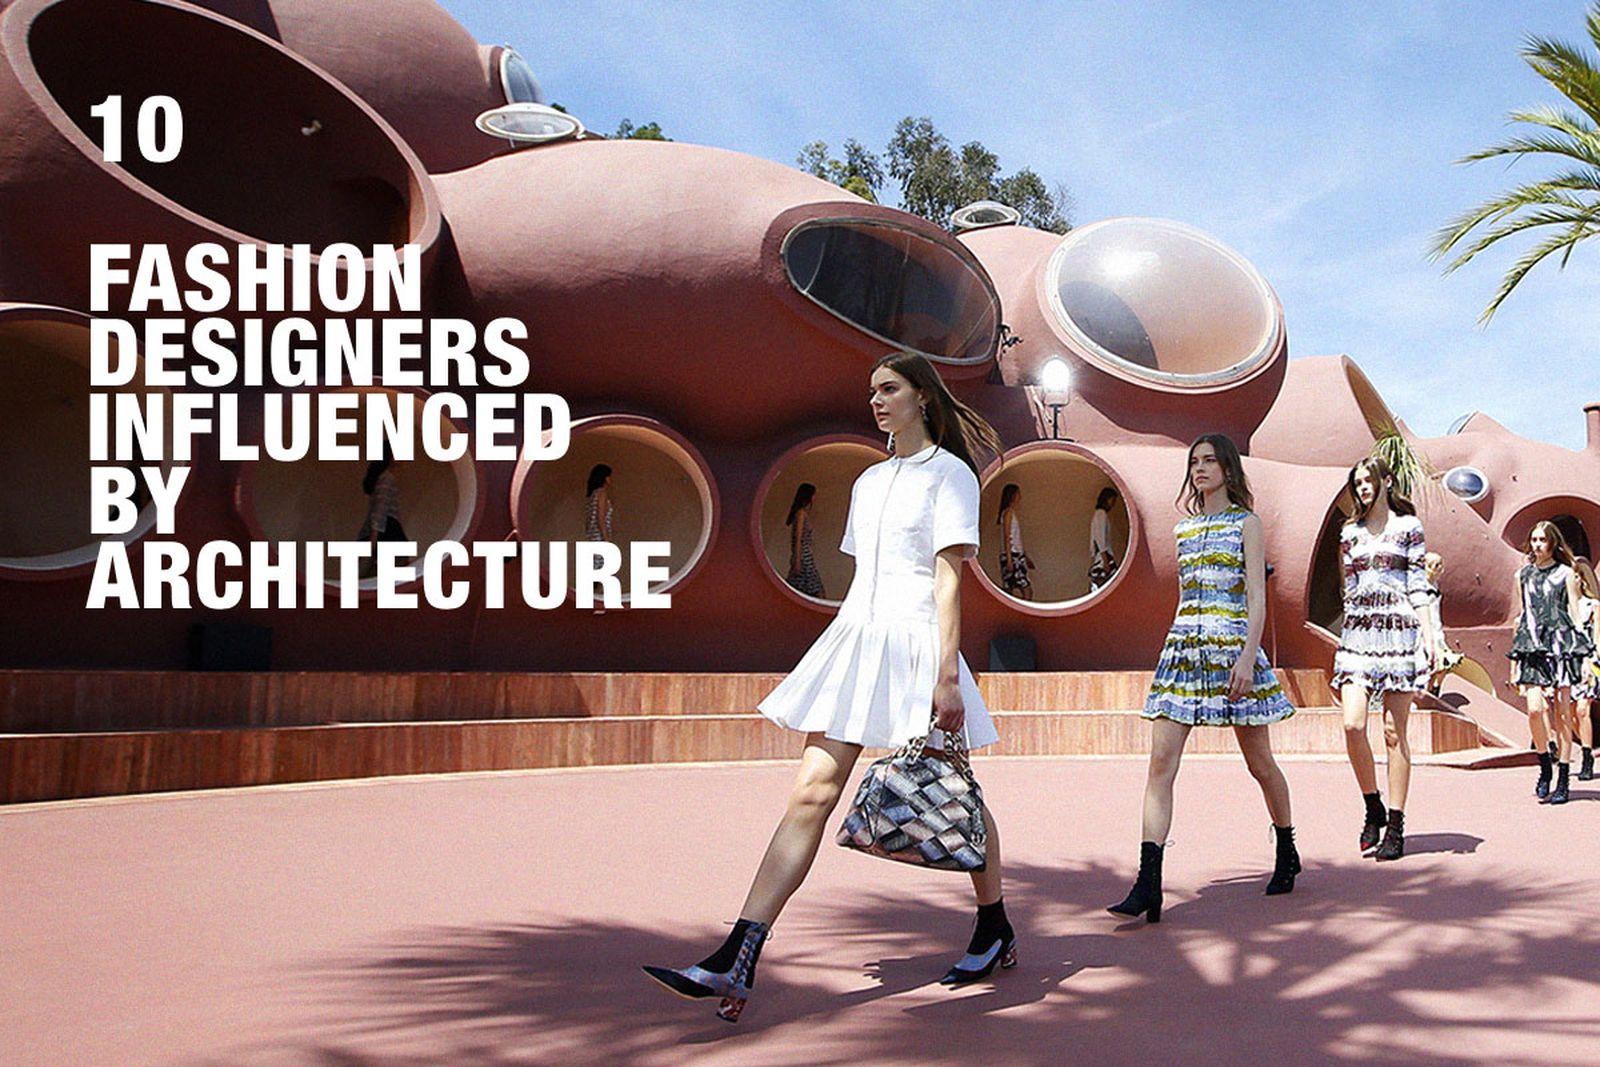 main-1 architecture fashion